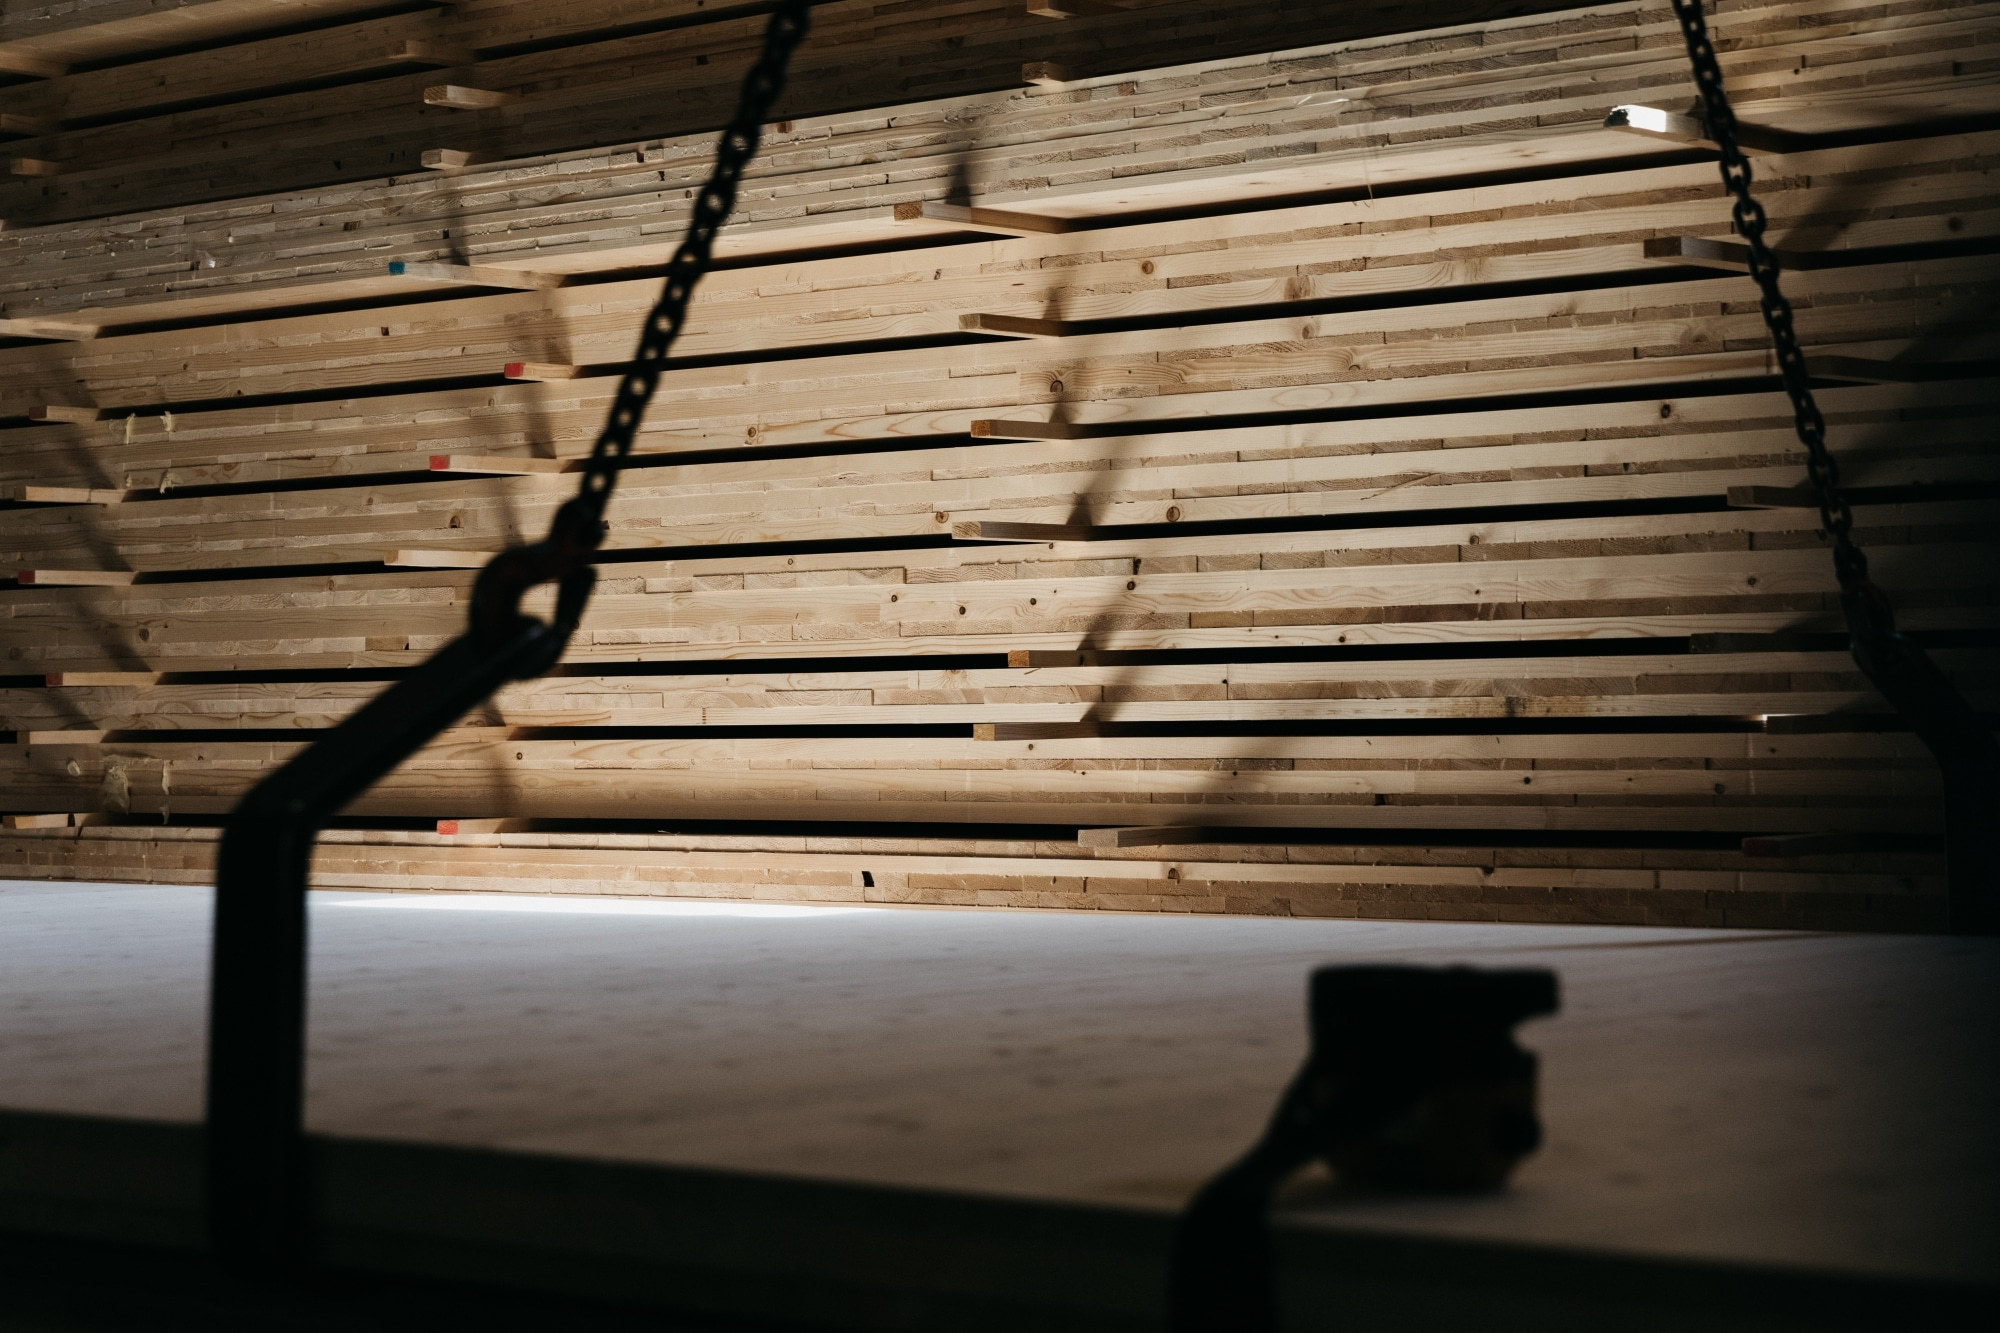 Pannelli Legno Senza Formaldeide legno lamellare a strati incrociati - klh massivholz gmbh